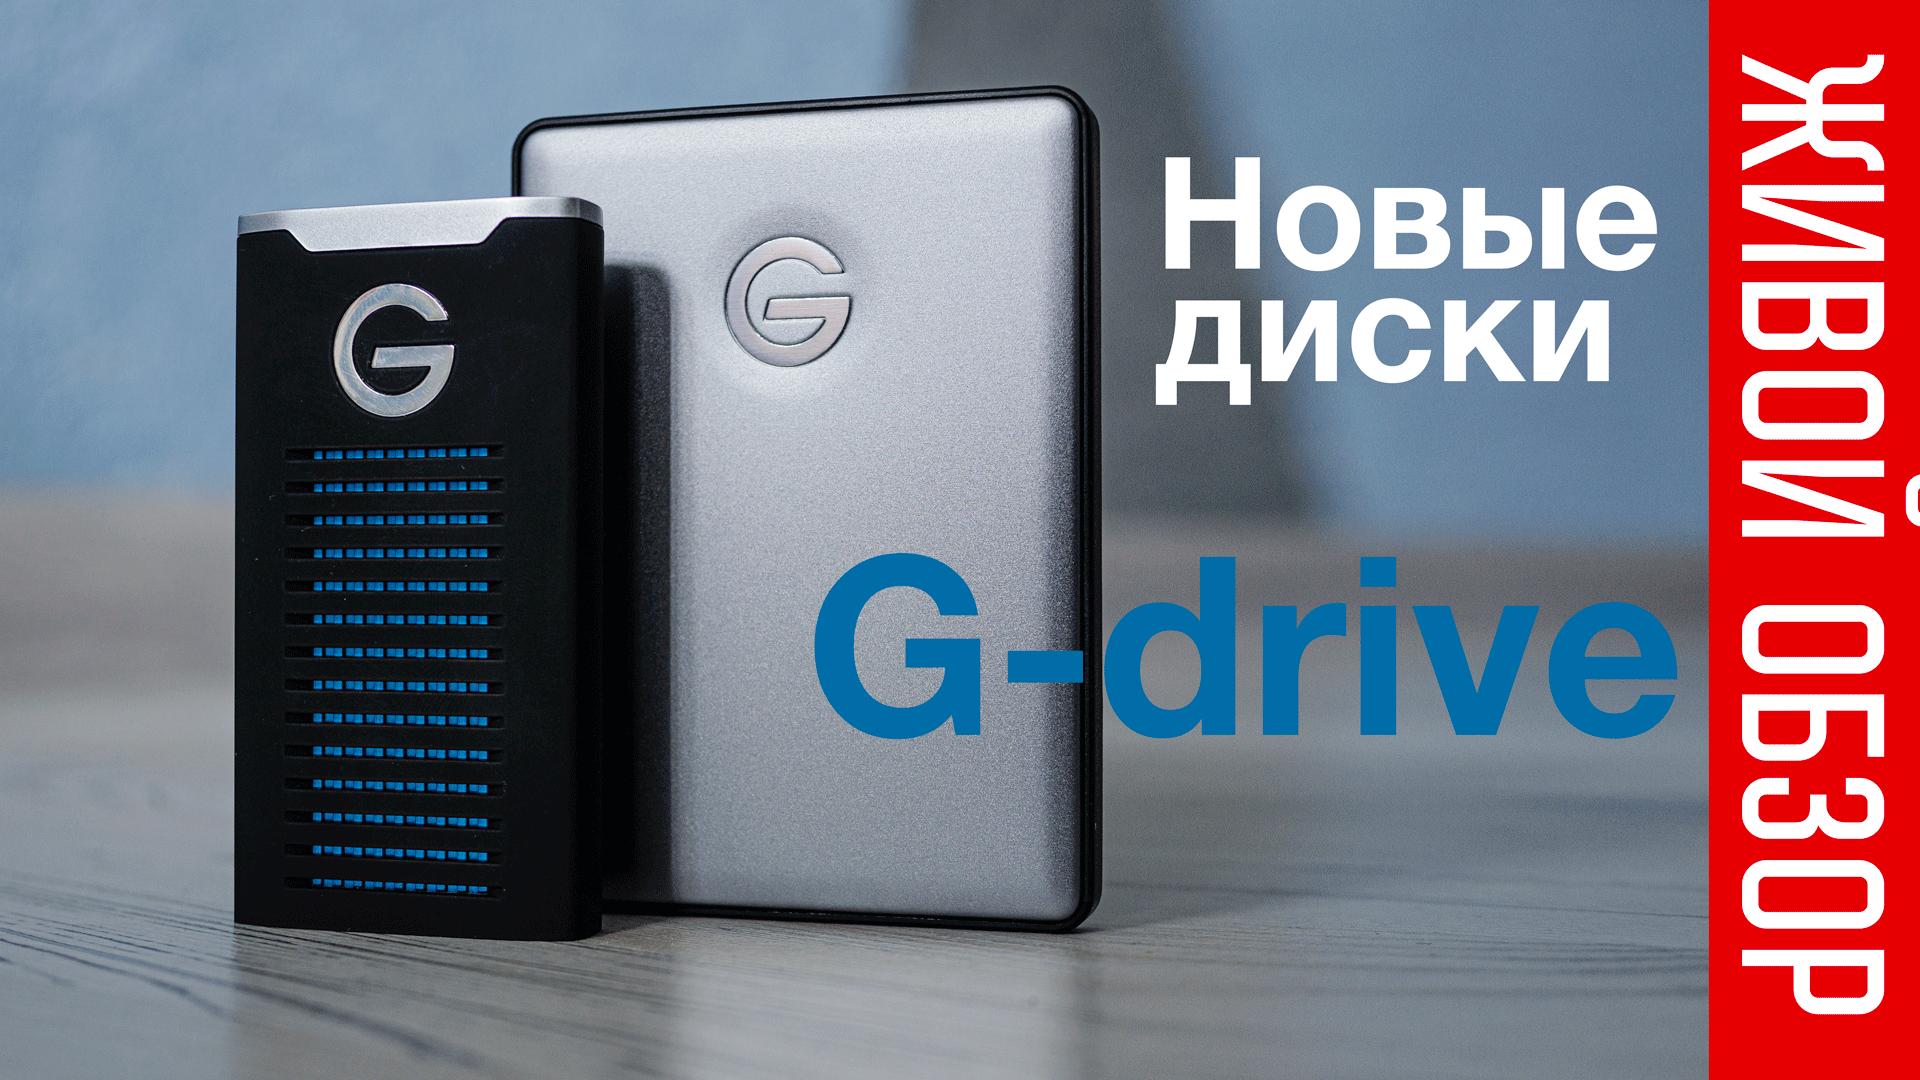 Тест G-drive